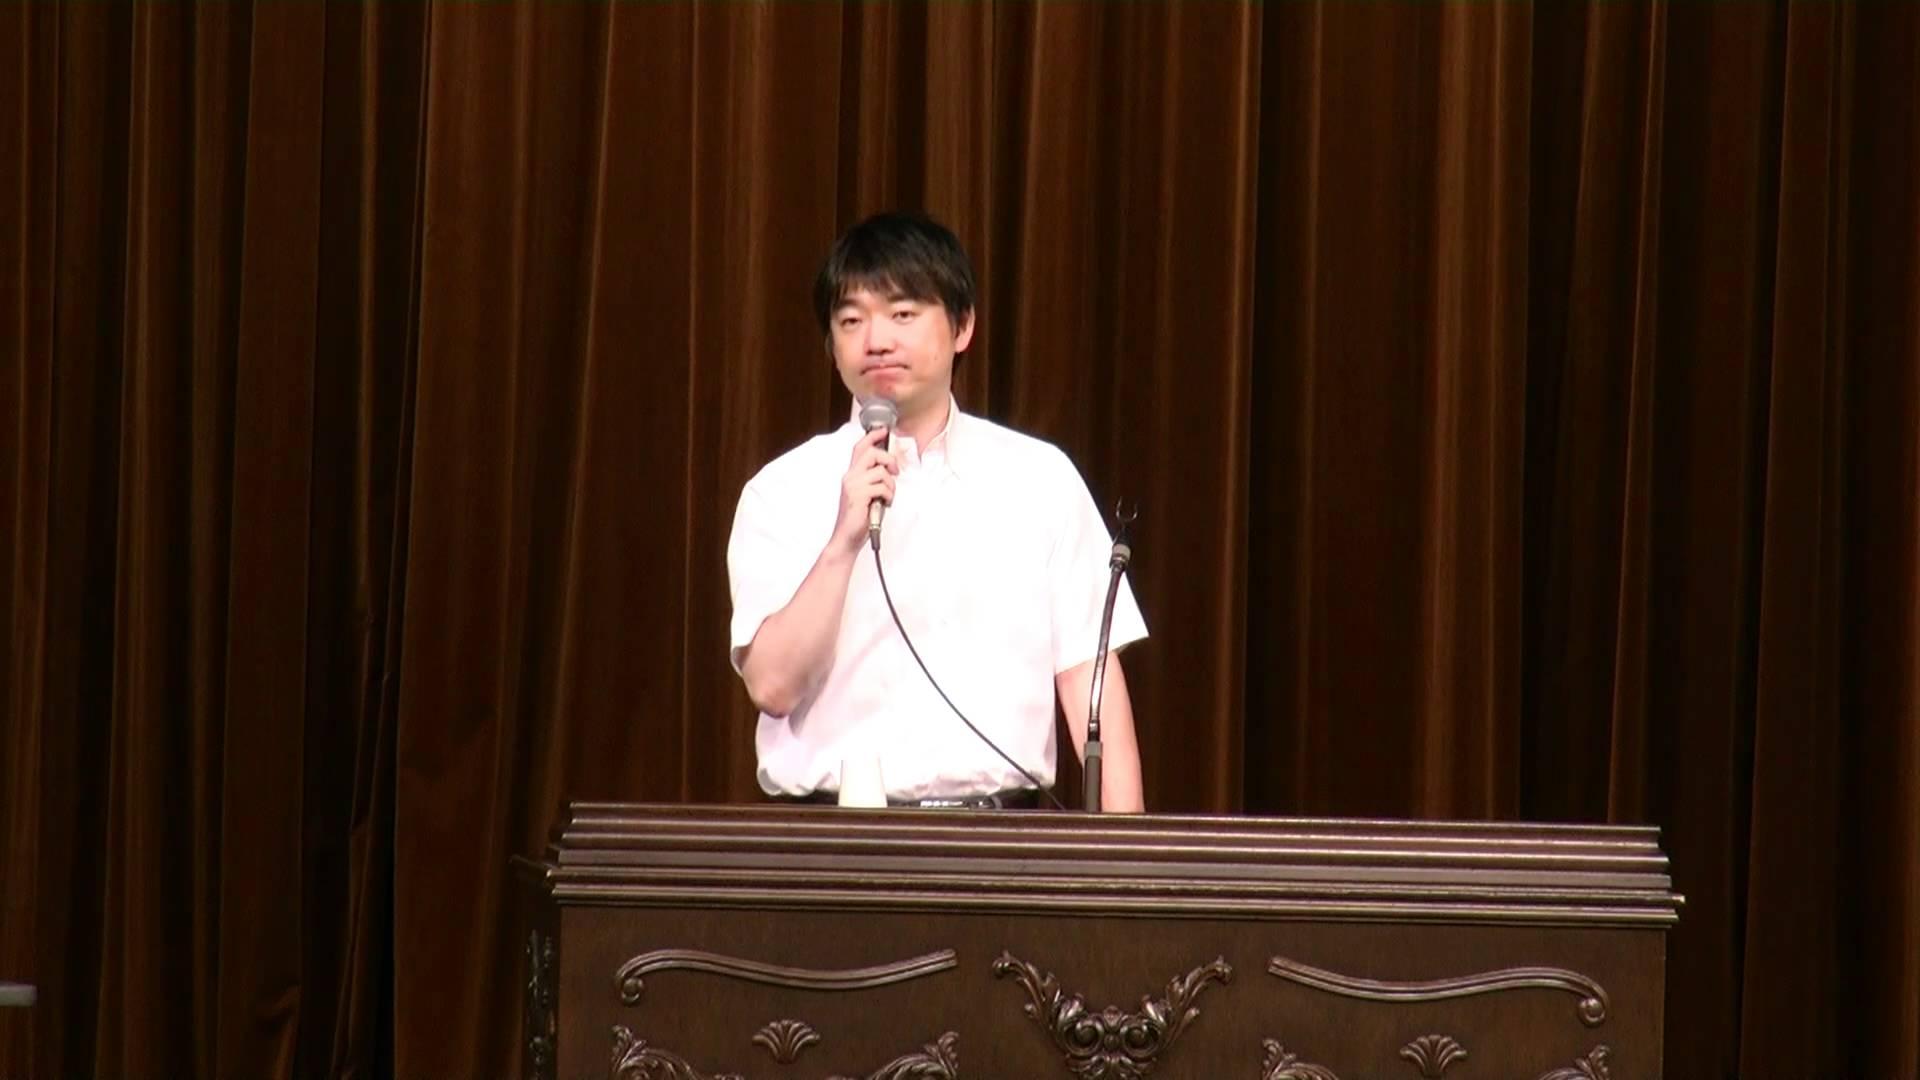 6/23 維新政治塾 入塾式 動画